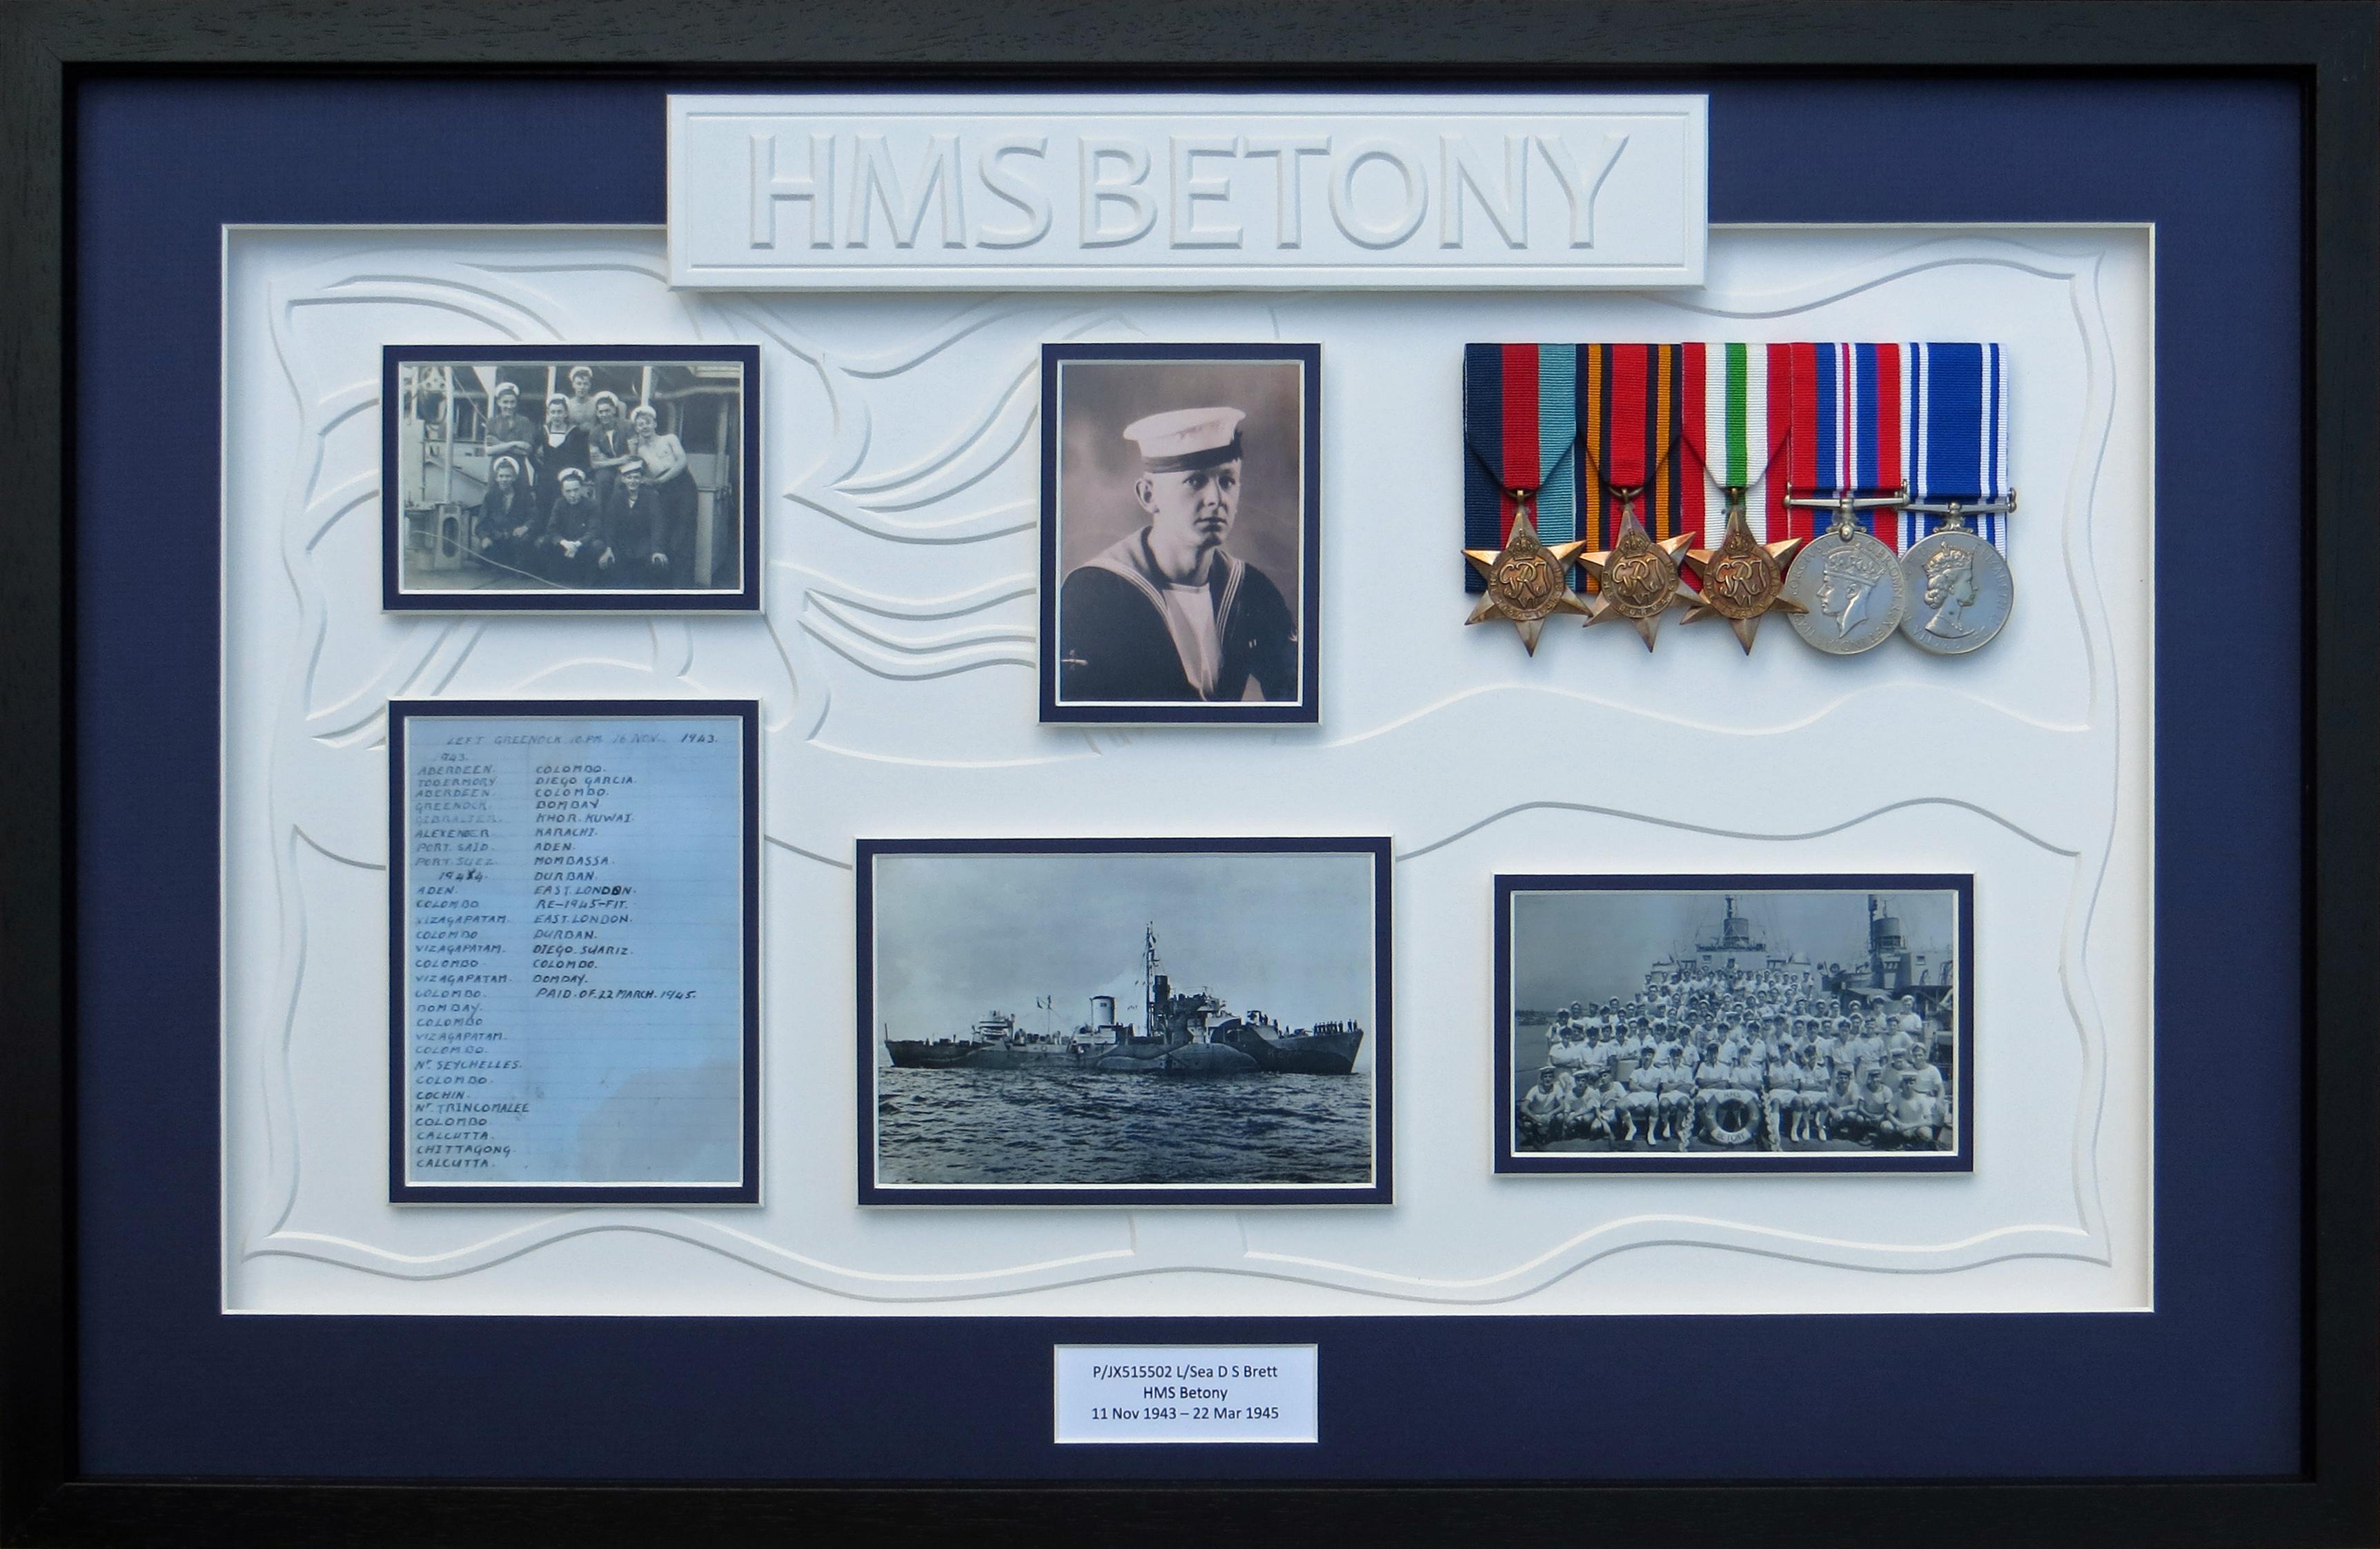 HMS Betony